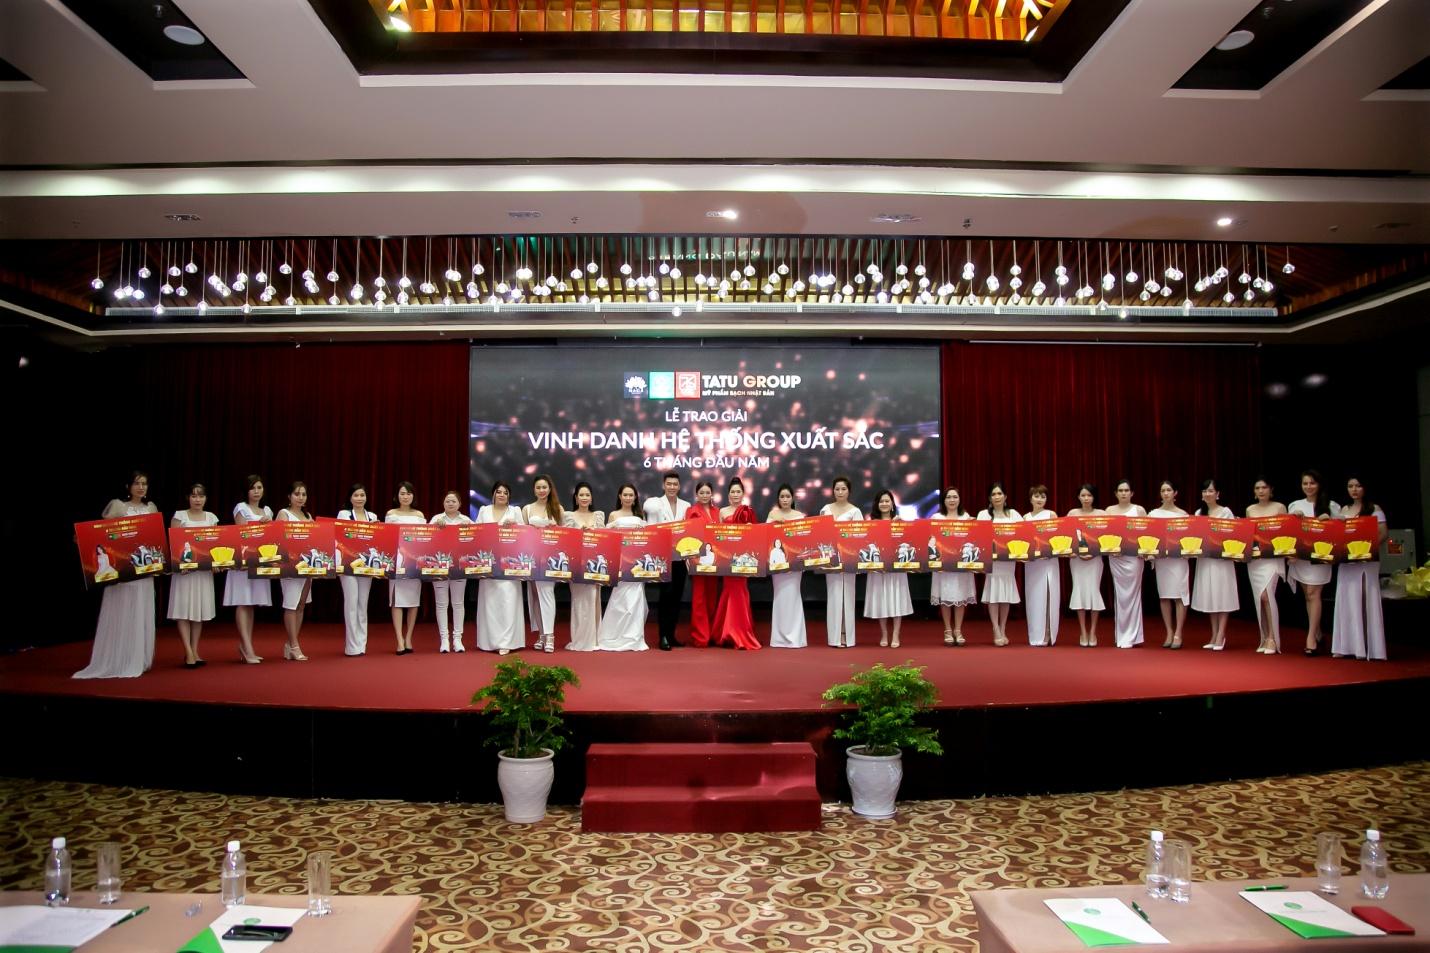 Tatu Group chi tiền tỷ trao thưởng cho hệ thống trong 6 tháng đầu năm - Ảnh 4